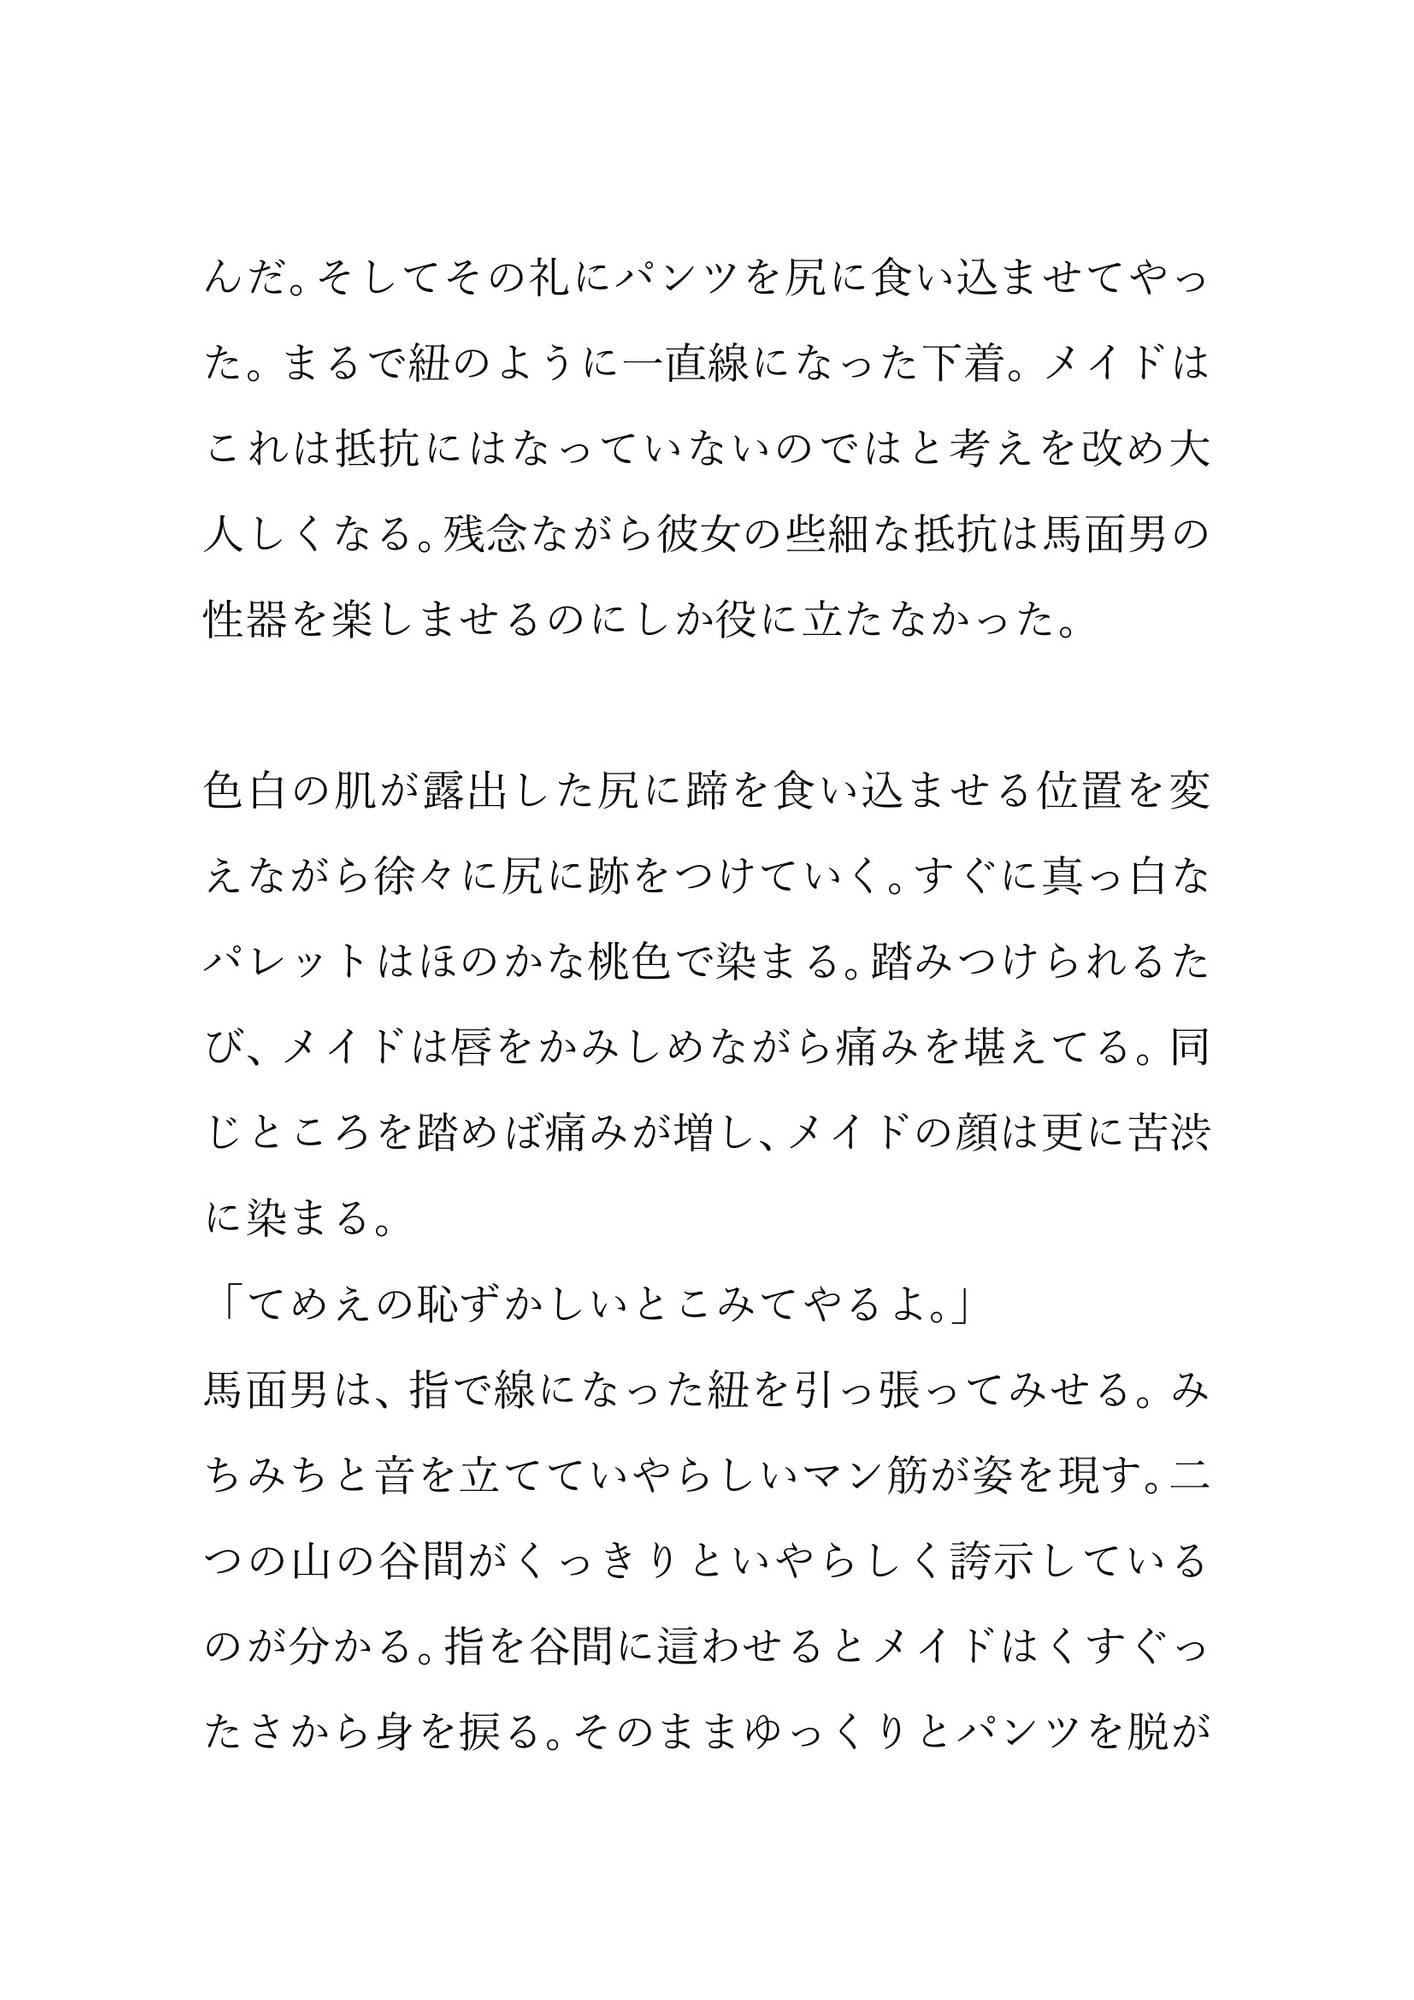 RJ317503 負けメイドさんがひどい目に会う話 [20210213]